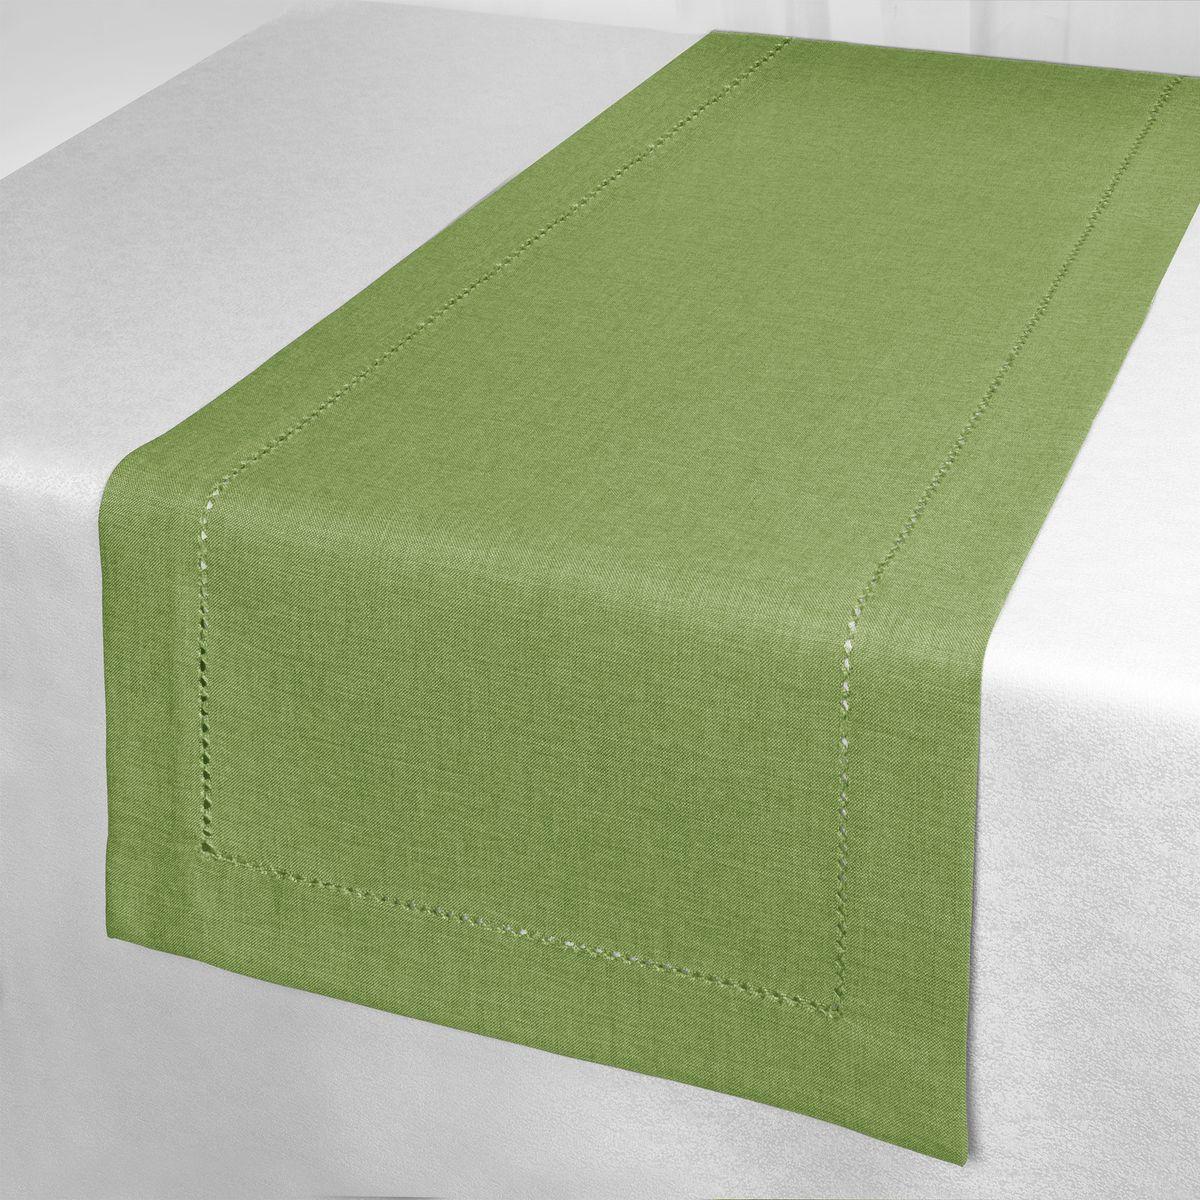 Дорожка для декорирования стола Schaefer, 40 x 140 см, цвет: зеленый. 07602-211VT-1520(SR)Дорожка для декорирования стола Schaefer может быть использована, как основной элемент, так и дополнение для создания уюта и романтического настроения.Дорожка выполнена из полиэстера. Изделие легко стирать: оно не мнется, не садится и быстро сохнет, более долговечно, чем изделие из натуральных волокон.Материал: 100% полиэстер.Размер: 40 x 140 см